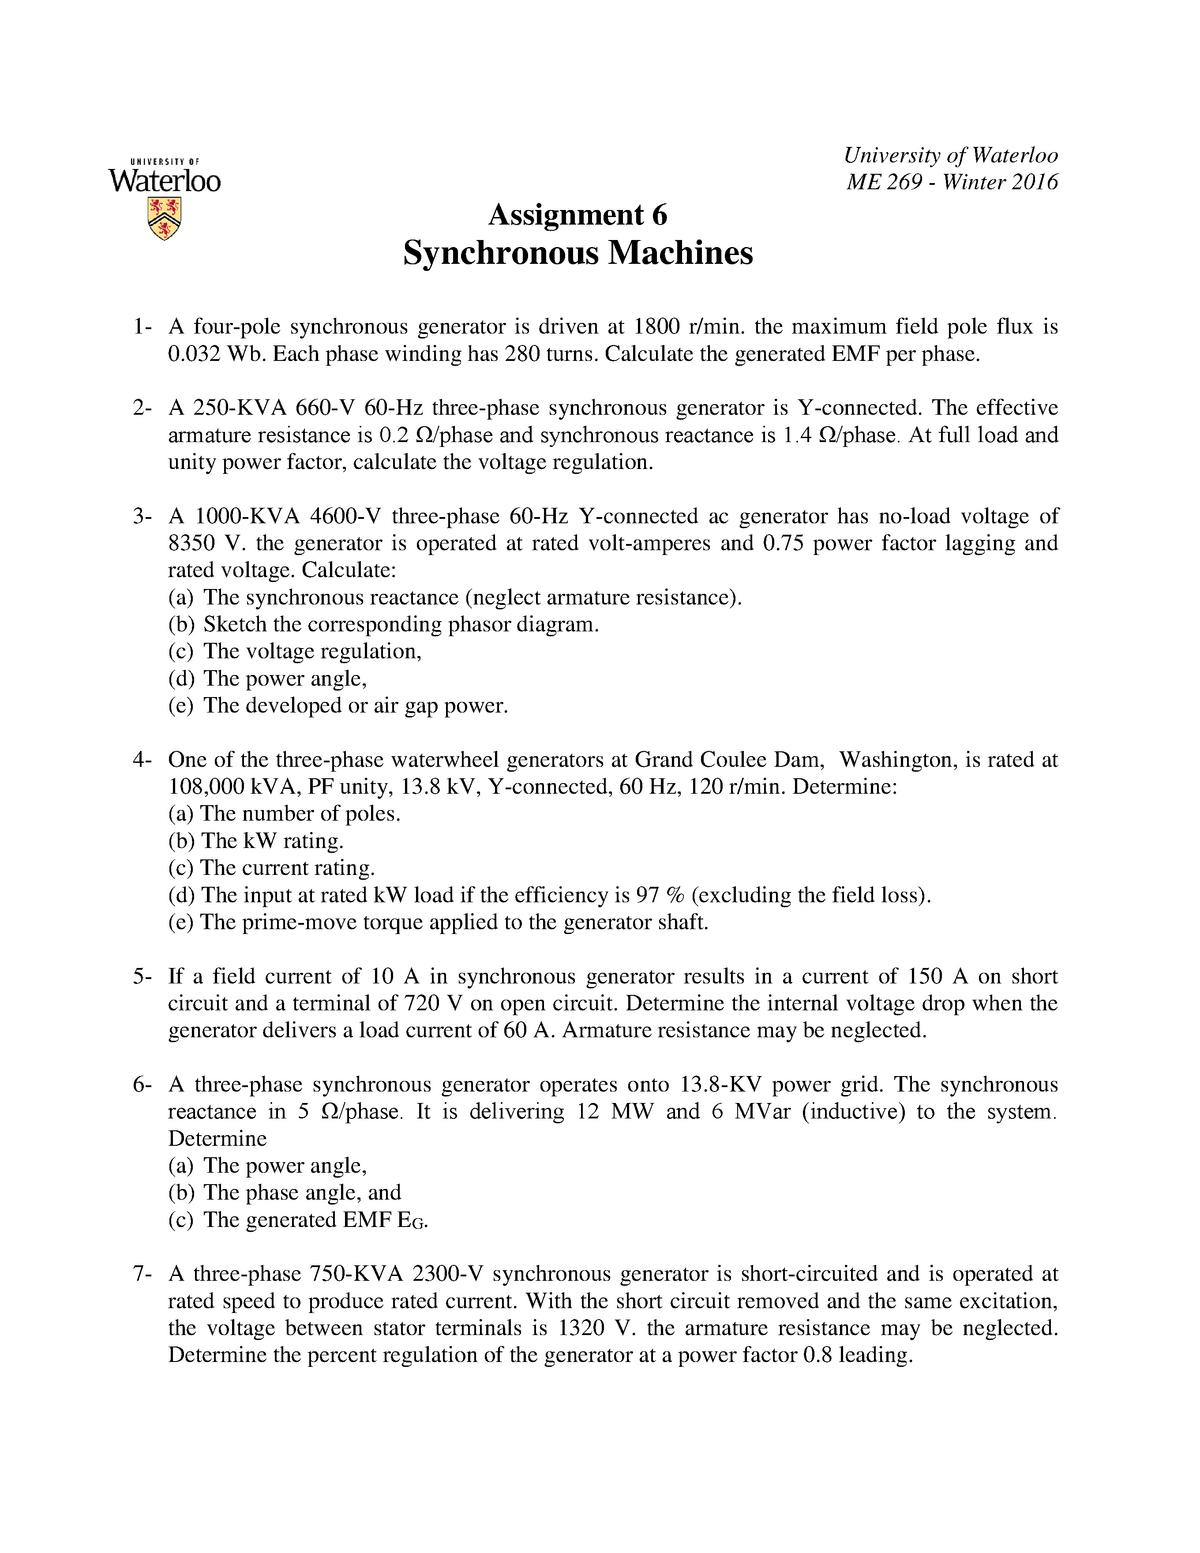 A6 - Study reference - Me 269: Electromech Dev & Power Proc